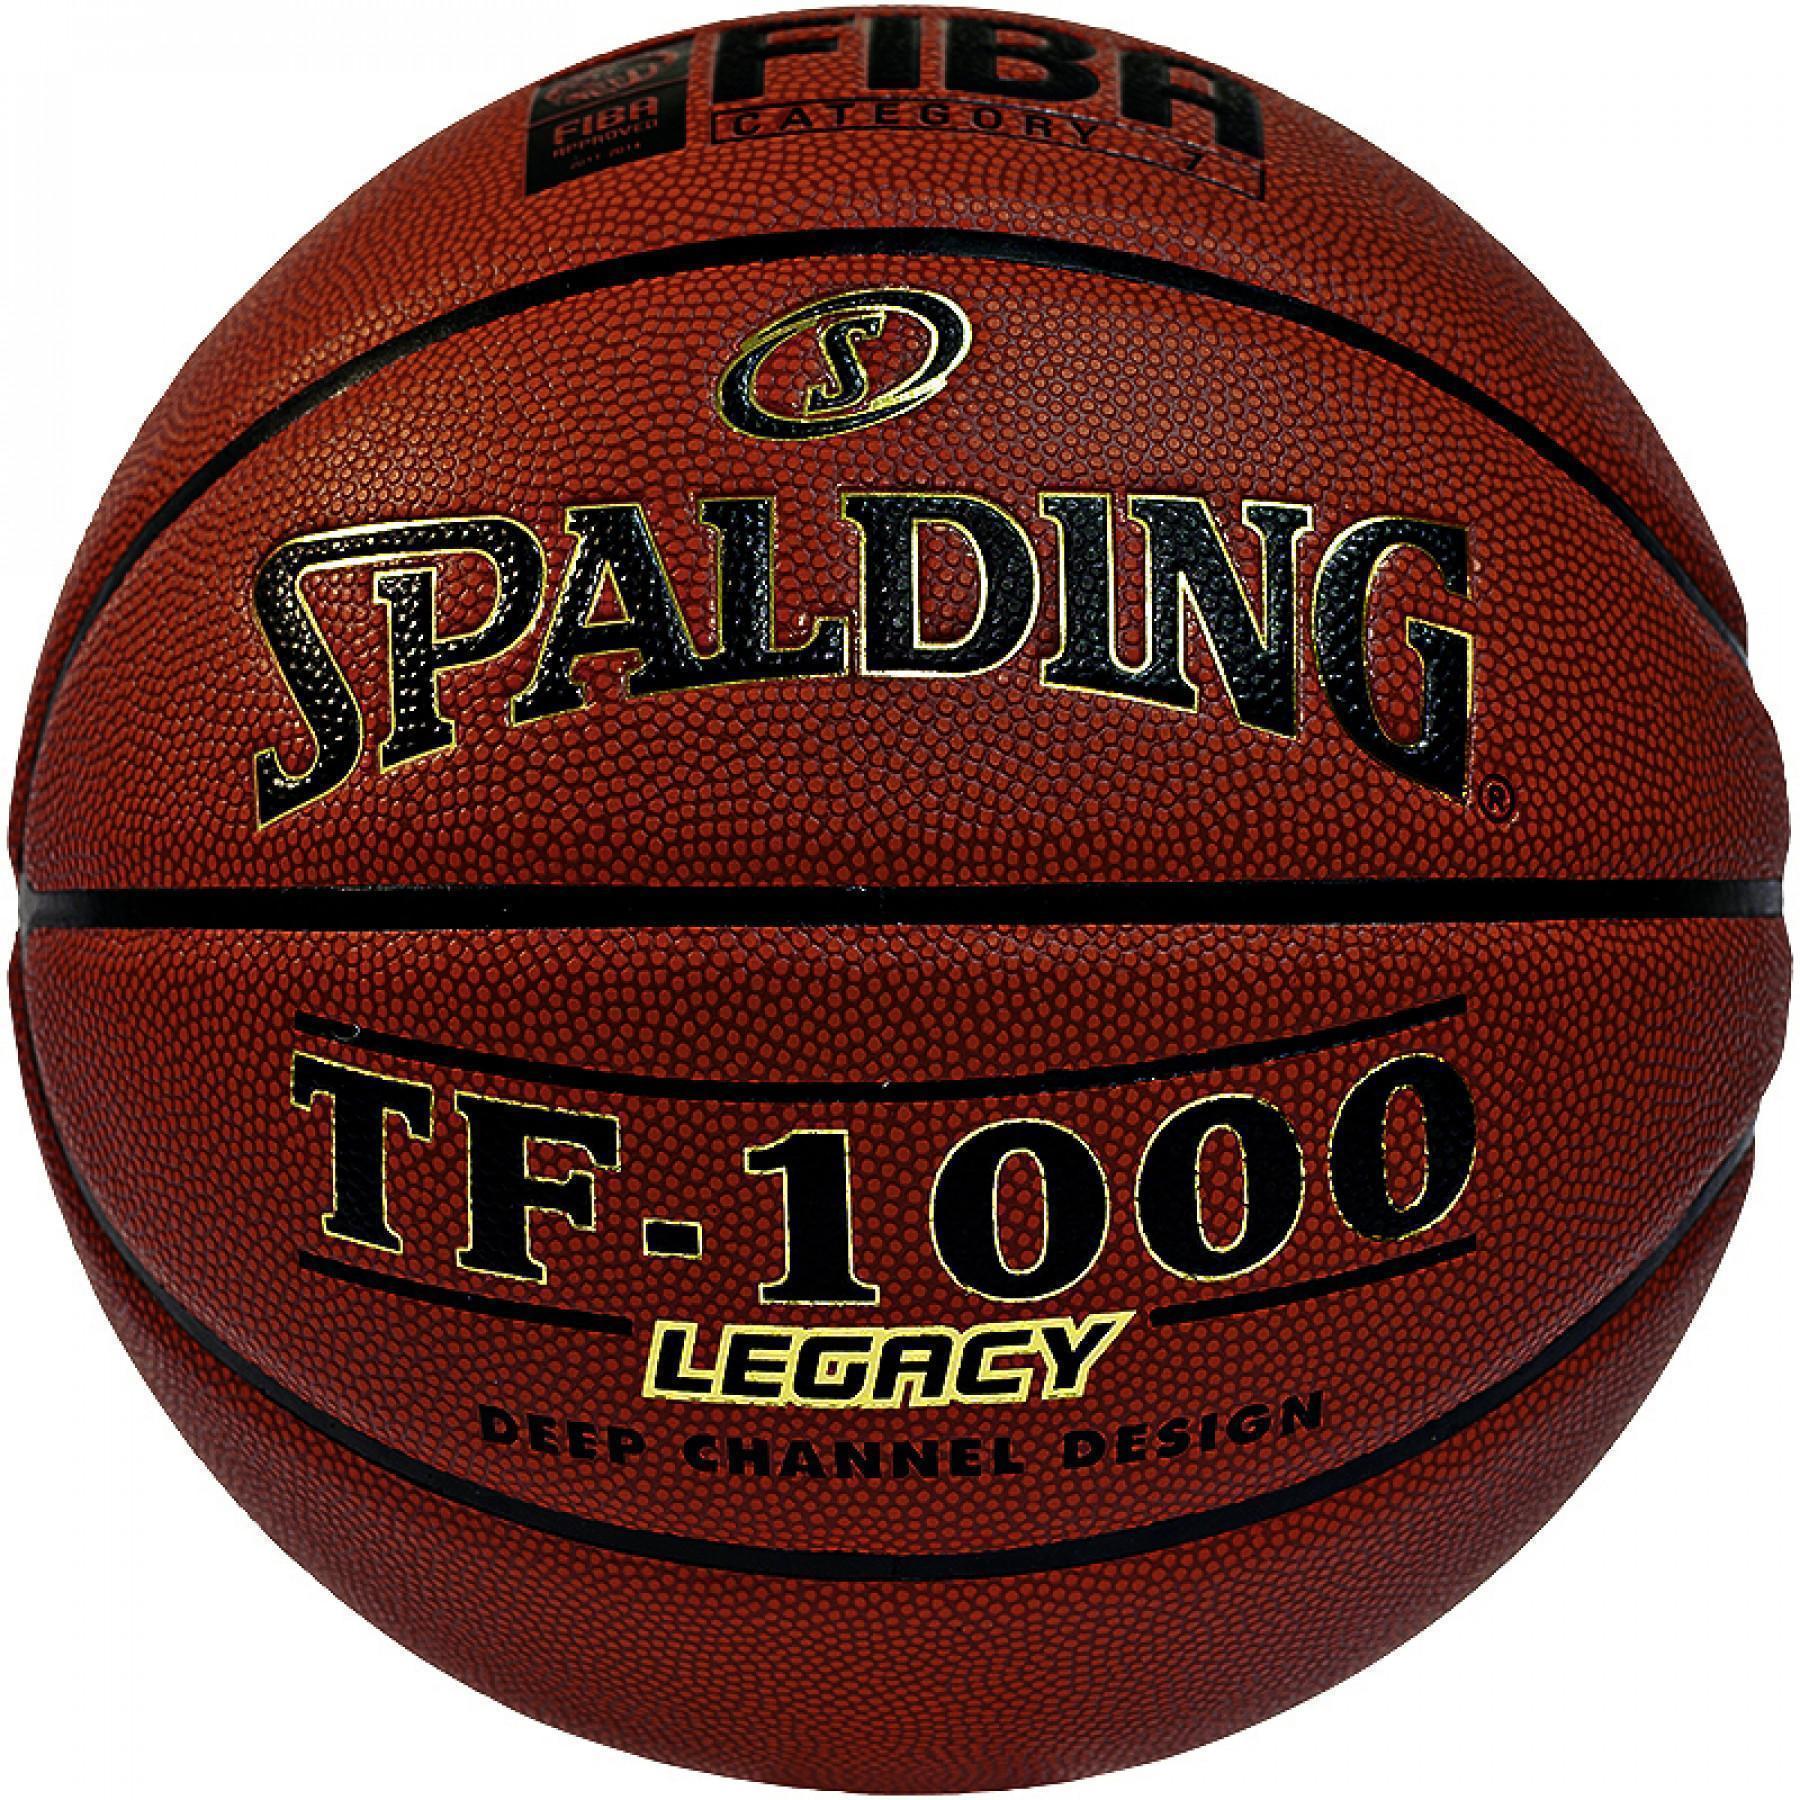 Spalding Ball TF1000 Legacy FIBA